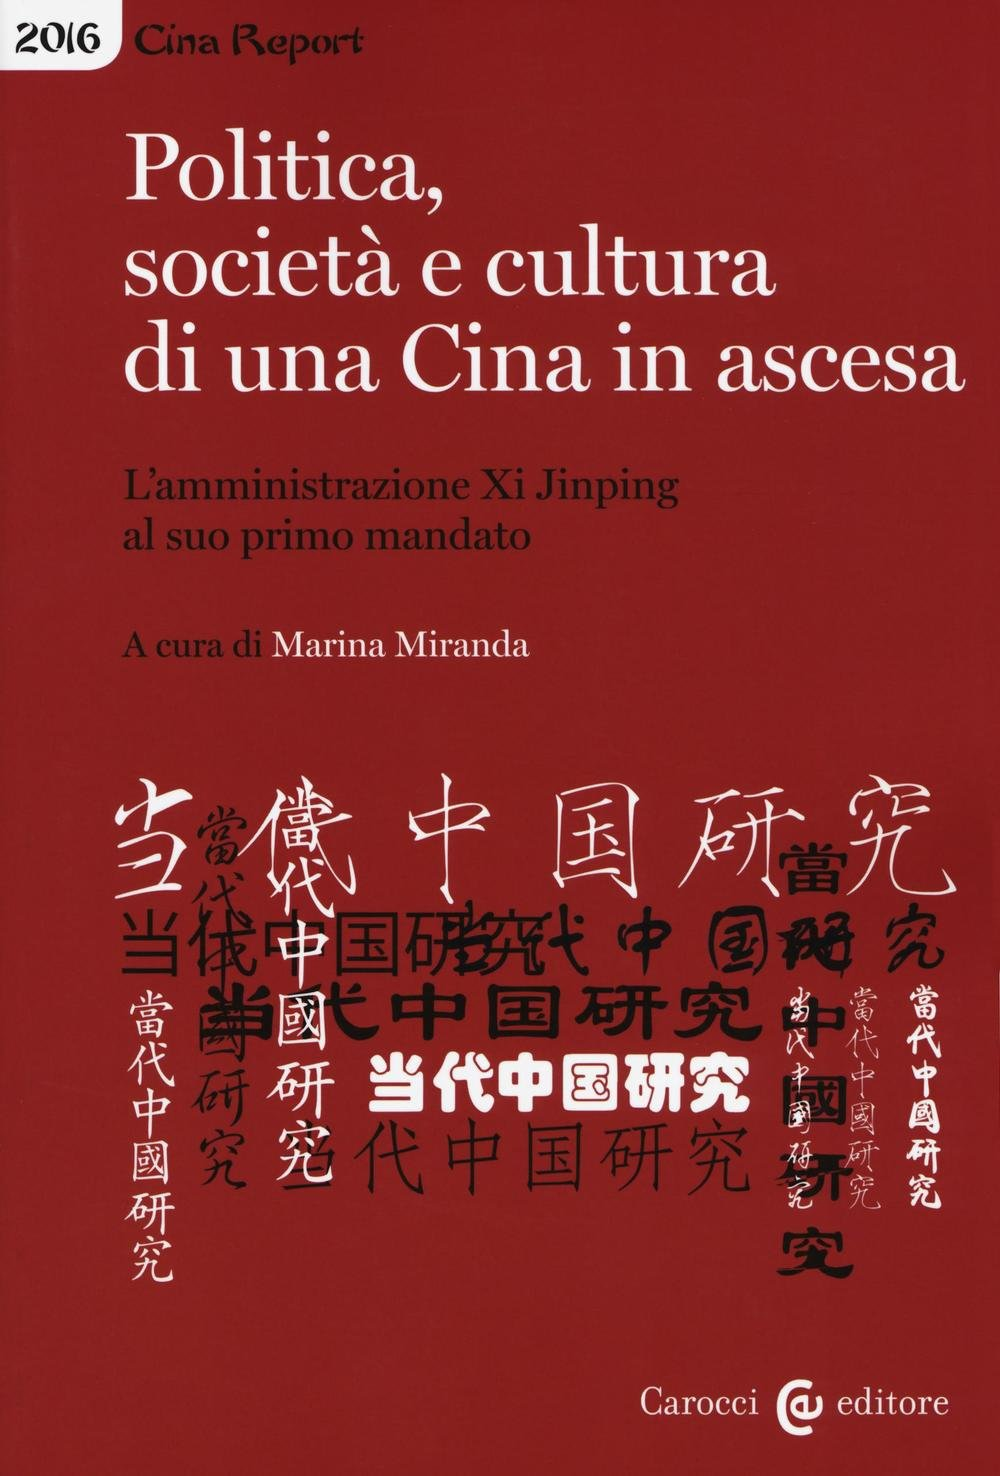 Politica, società e cultura di una Cina in ascesa. L'amministrazione di Xi Jinping al suo primo mandato Copertina flessibile – 11 feb 2016 M. Miranda Carocci 8843079476 Dal 2010 al 2020